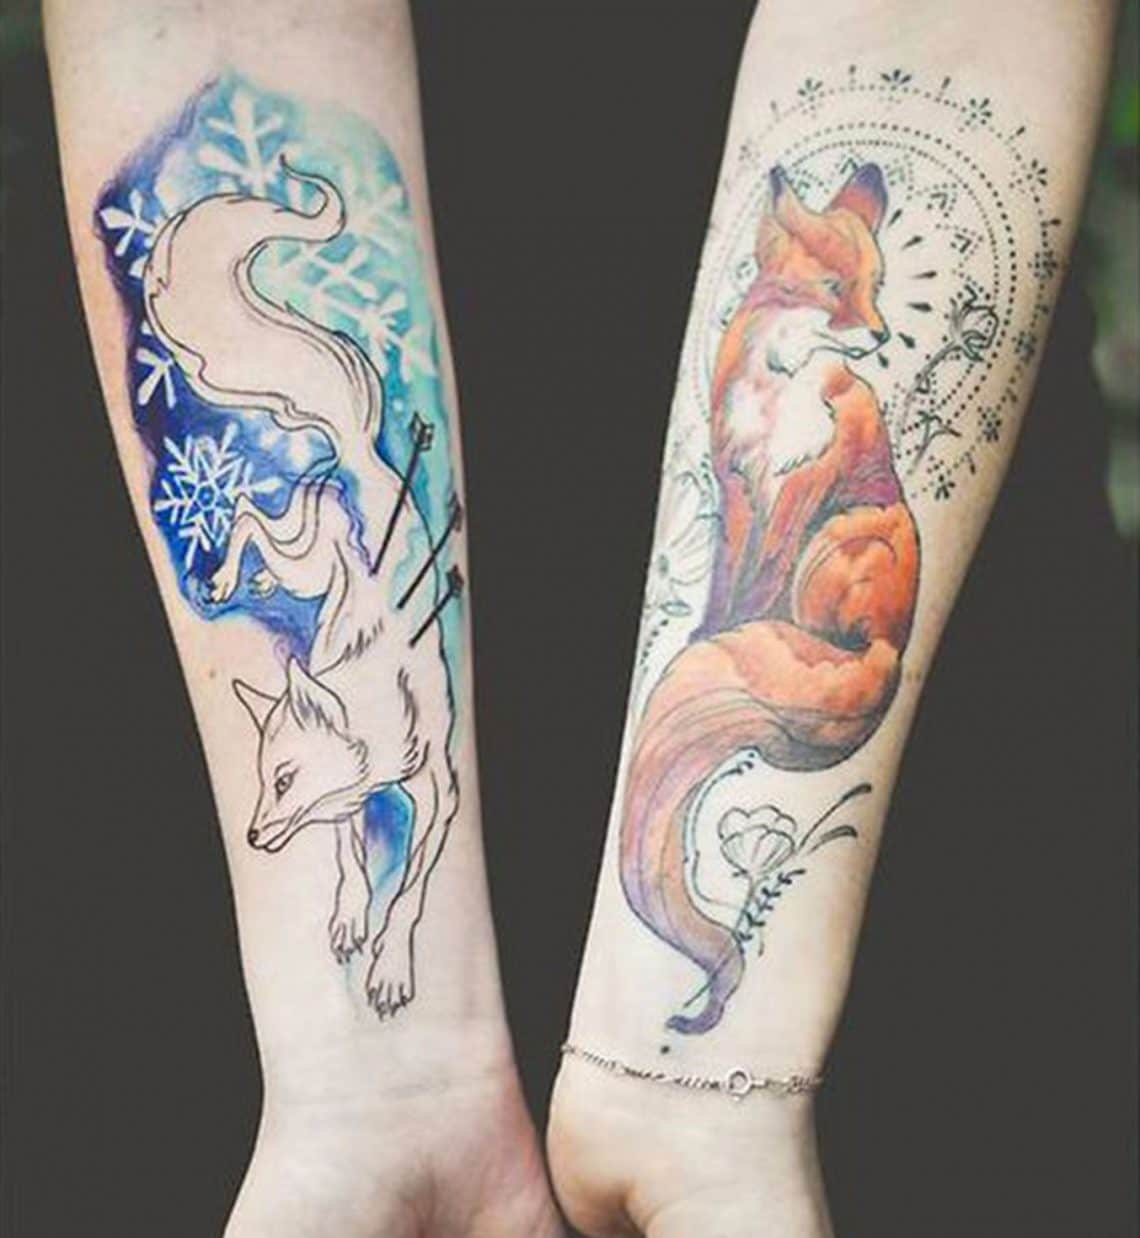 Tatouage Japonais femme : 15+ idées de tatouages et sa signification 14